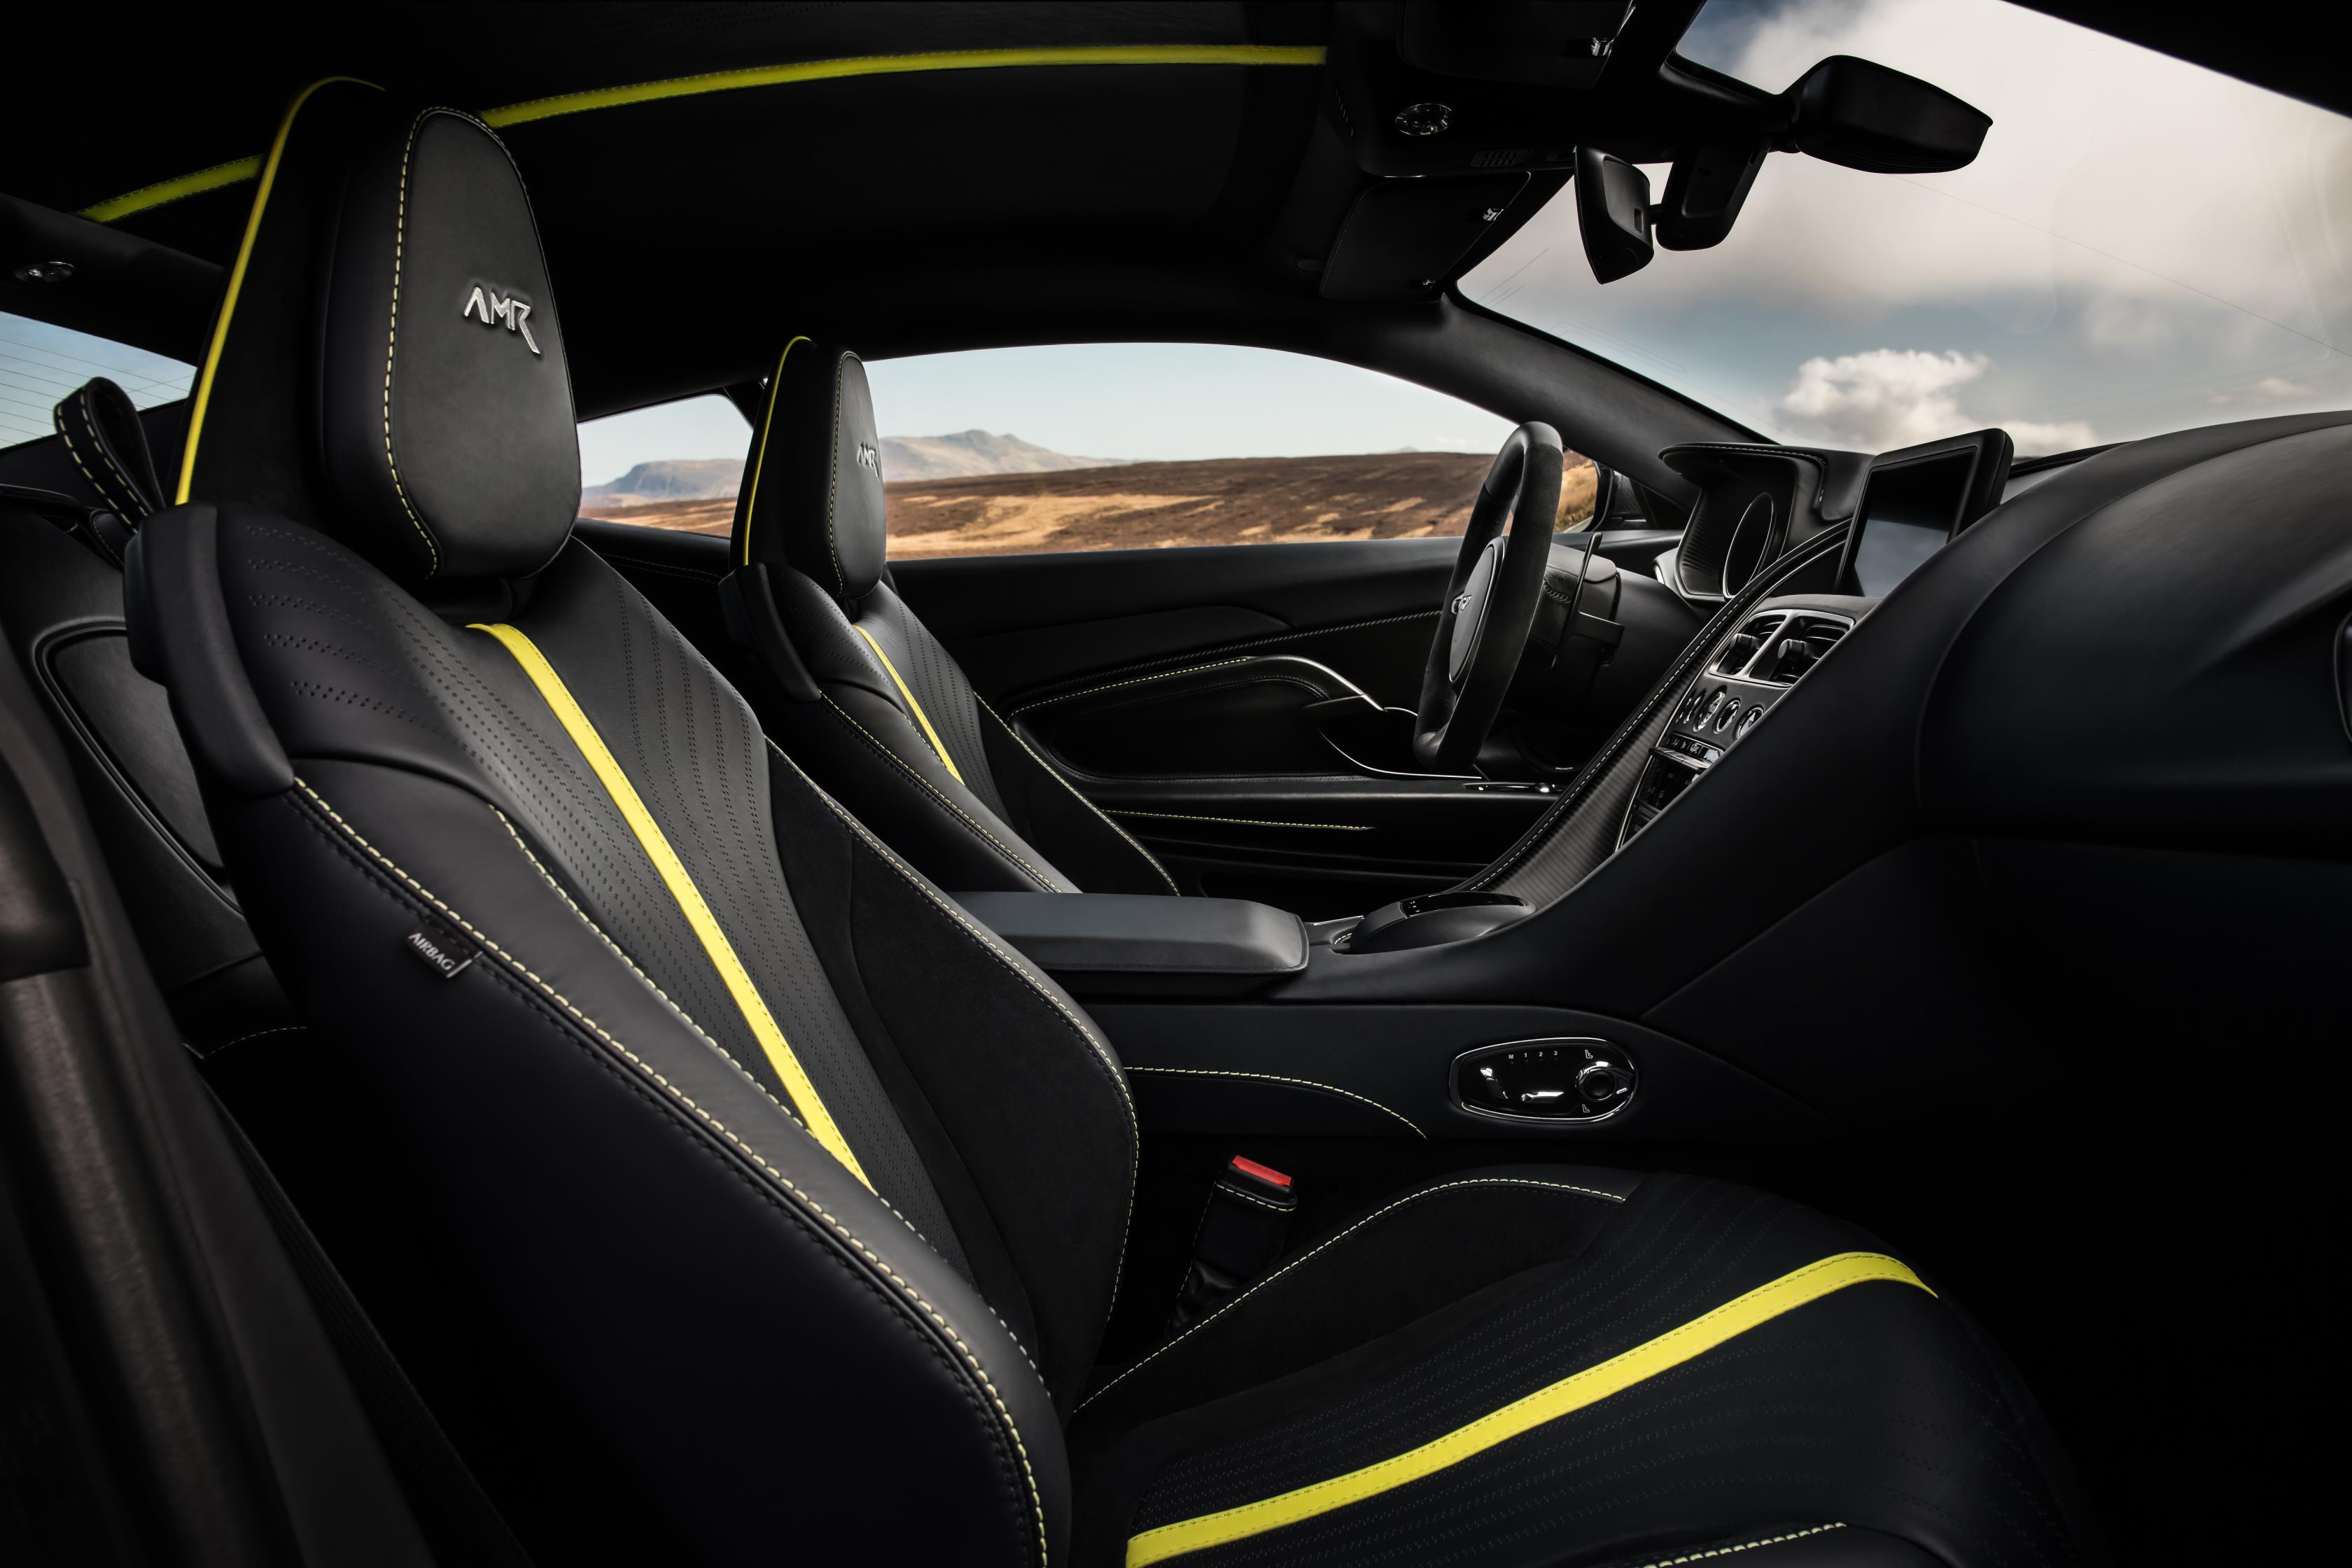 DB11 AMR будет топовым автомобилем в линейке с 5,2-литровым двигателем V12 под капотом. Мощность была увеличена на 30 л.с. до 630 л.с. с крутящим моментом в 700 Нм. Его максимальная скорость составляет 330 км/ч, а время разгона до 100 км/ч всего 3,7